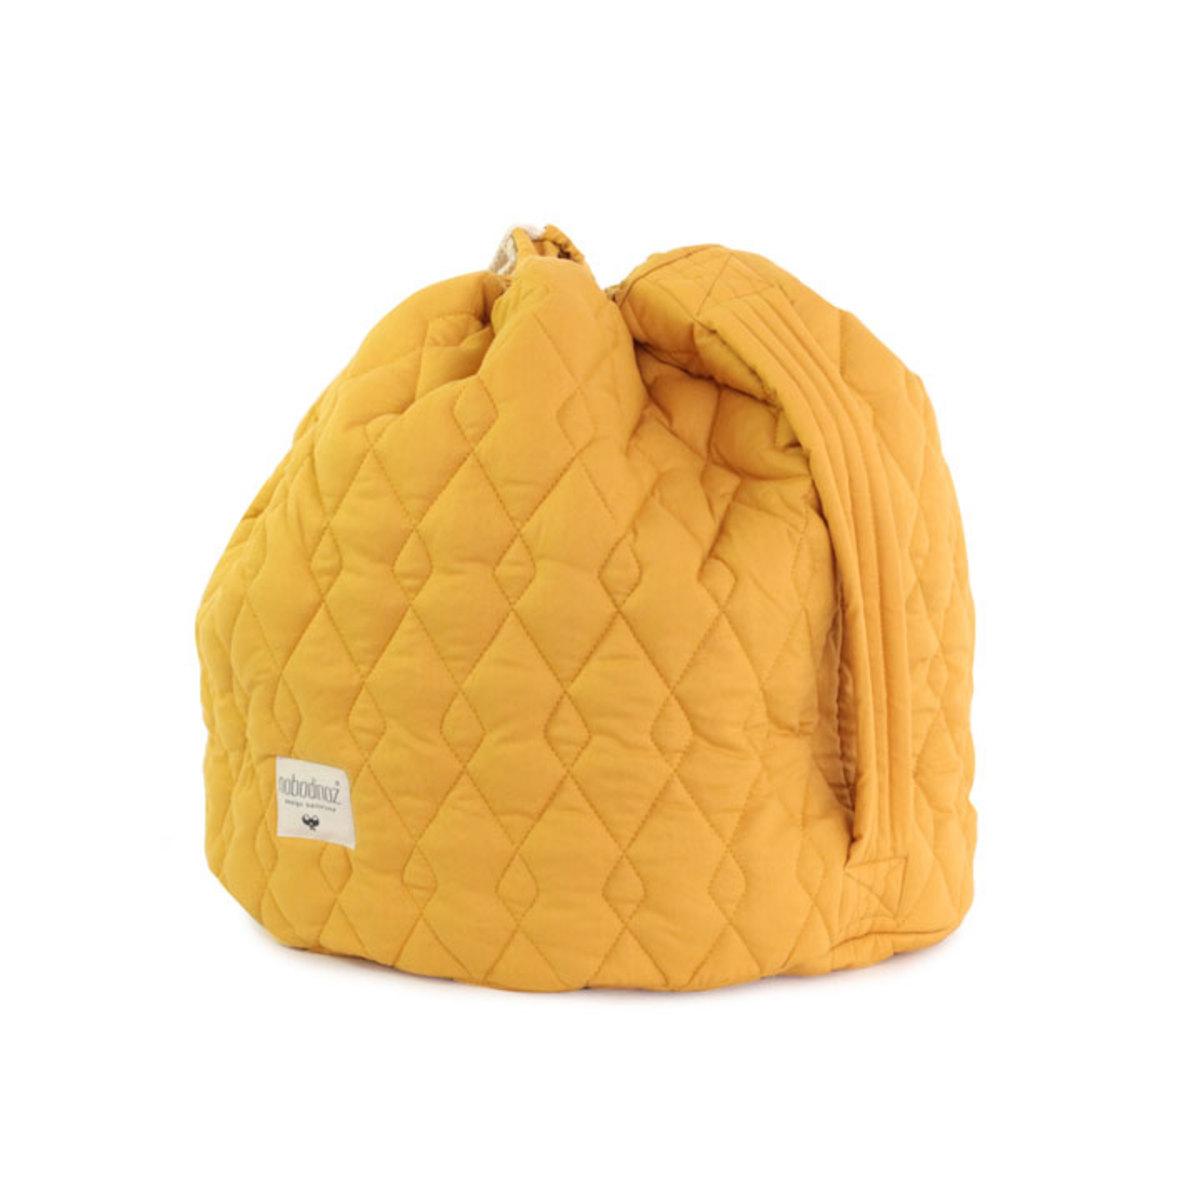 nobodinoz sac jouets las vegas l jaune farniente rangement jouet nobodinoz sur l 39 armoire. Black Bedroom Furniture Sets. Home Design Ideas